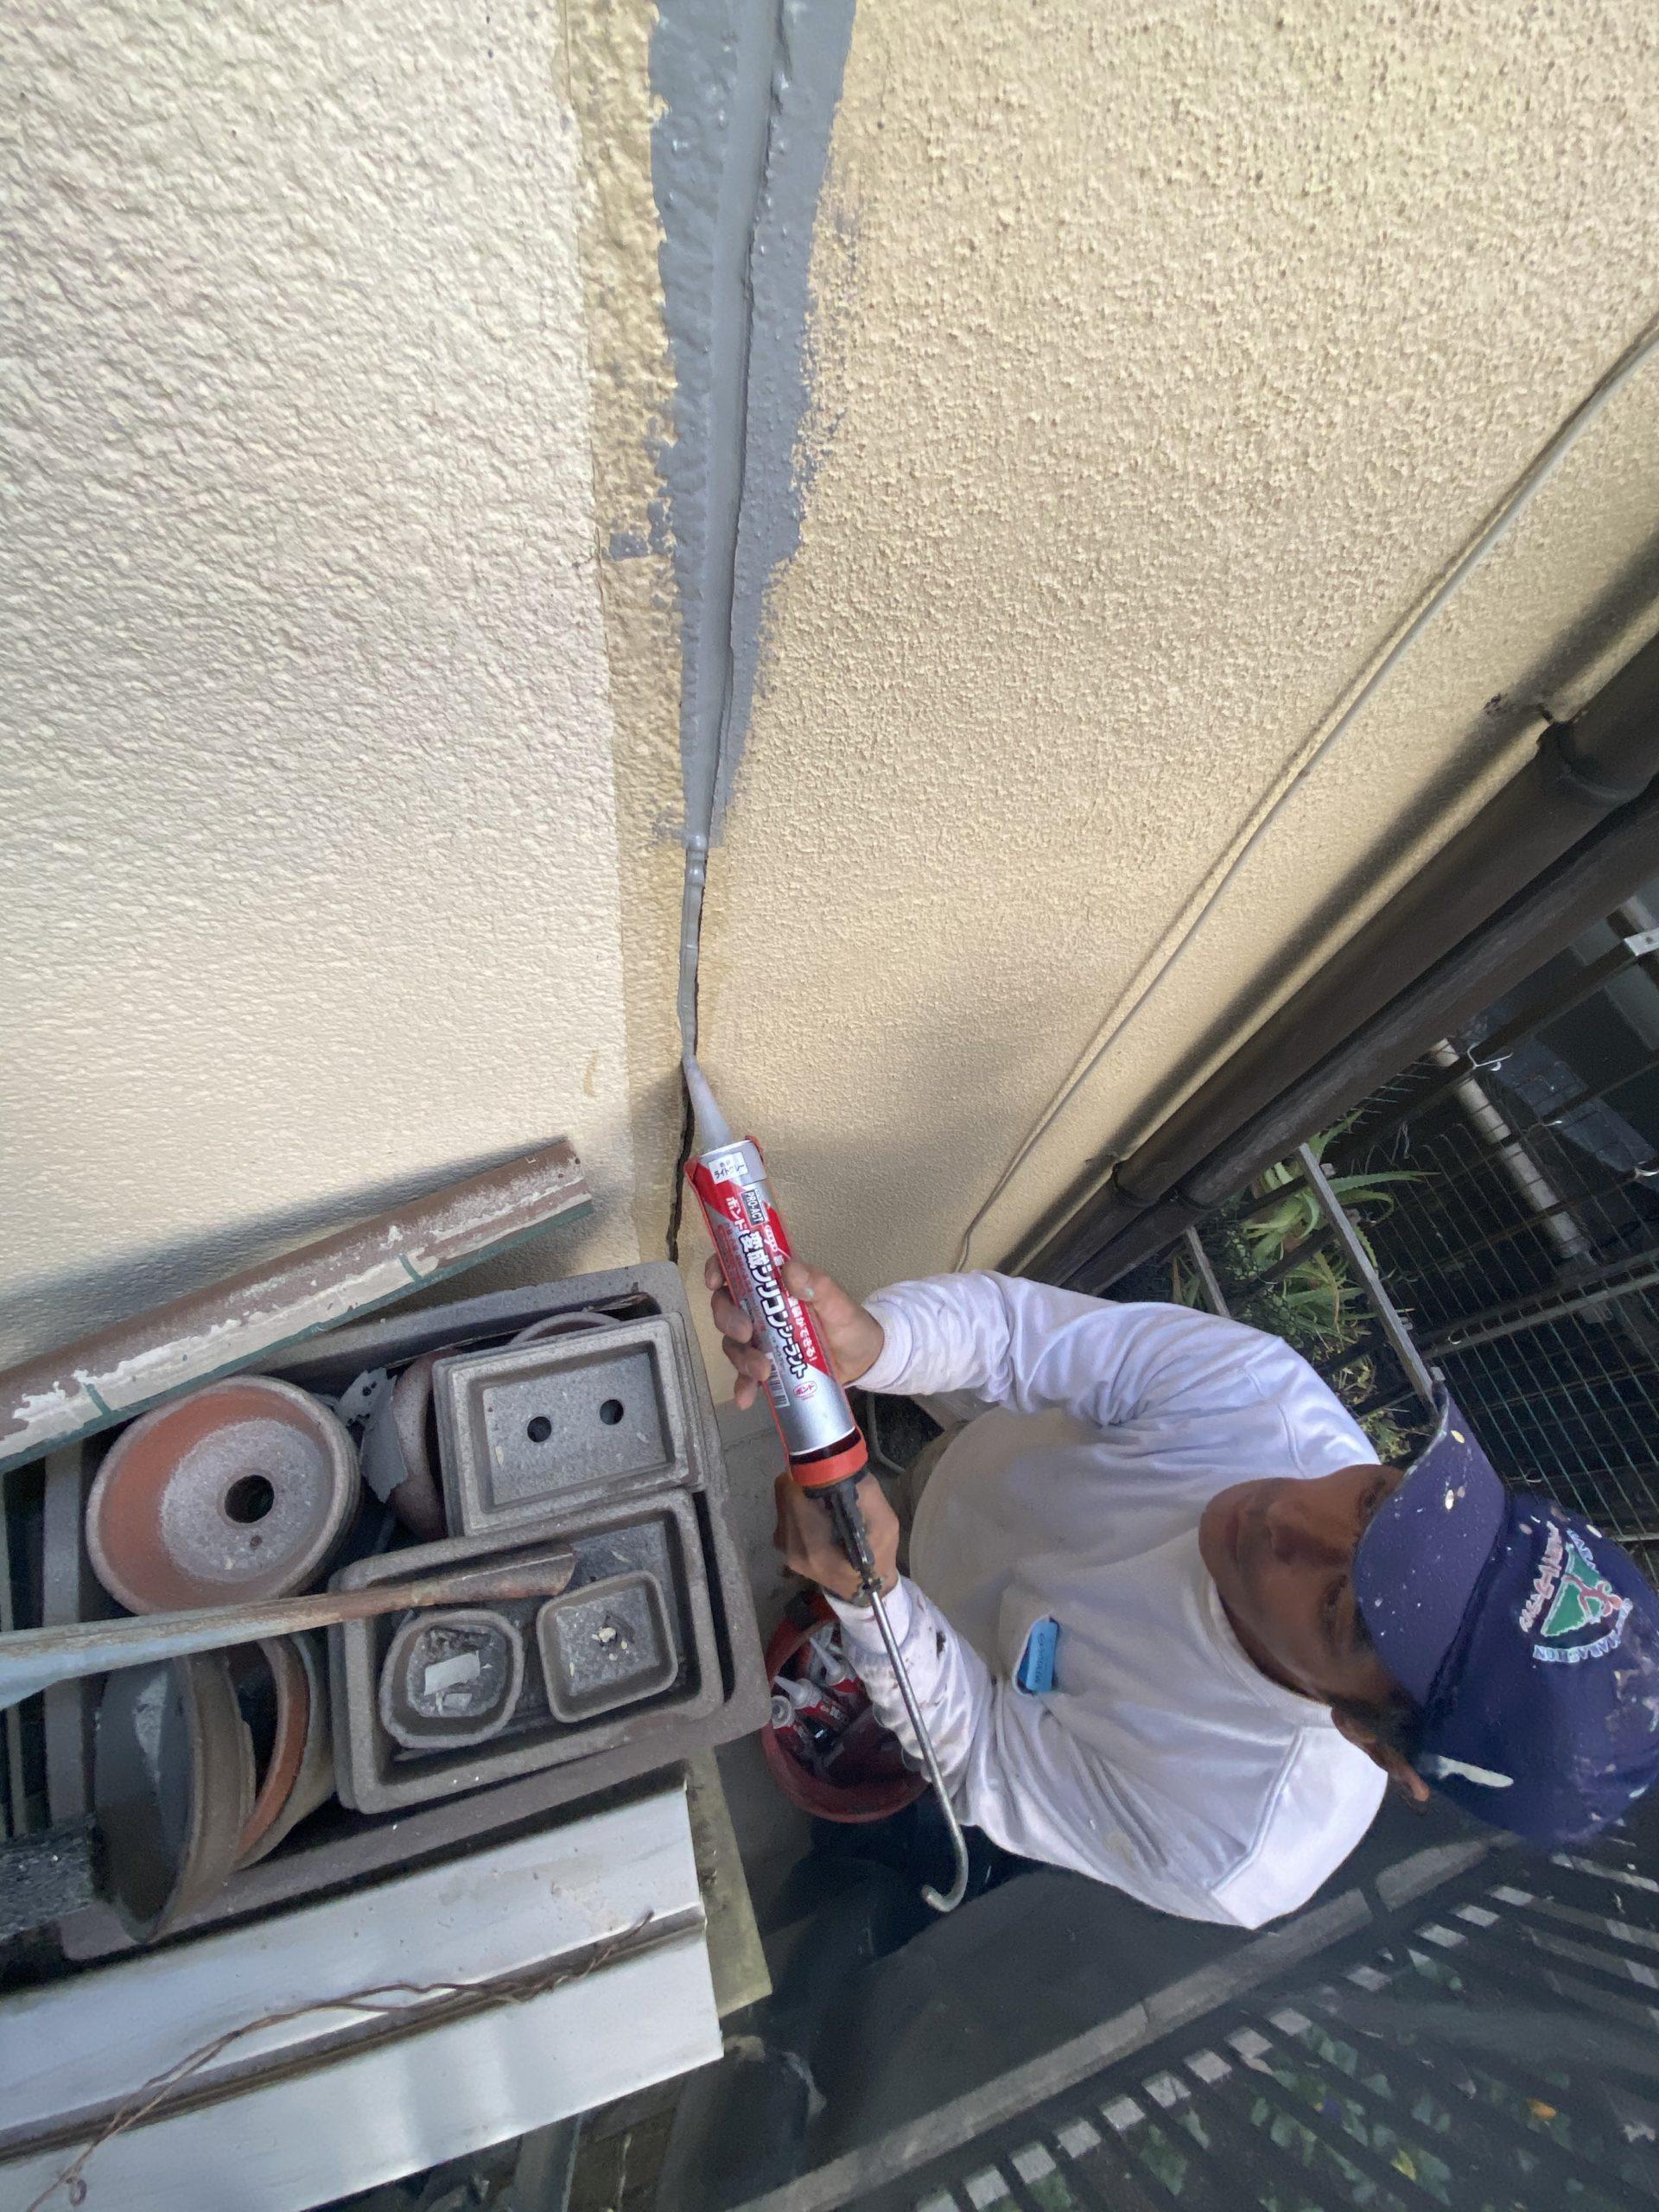 茨木・高槻の外壁屋根塗装防水YJリフォームコーキング補修@高槻市土橋町